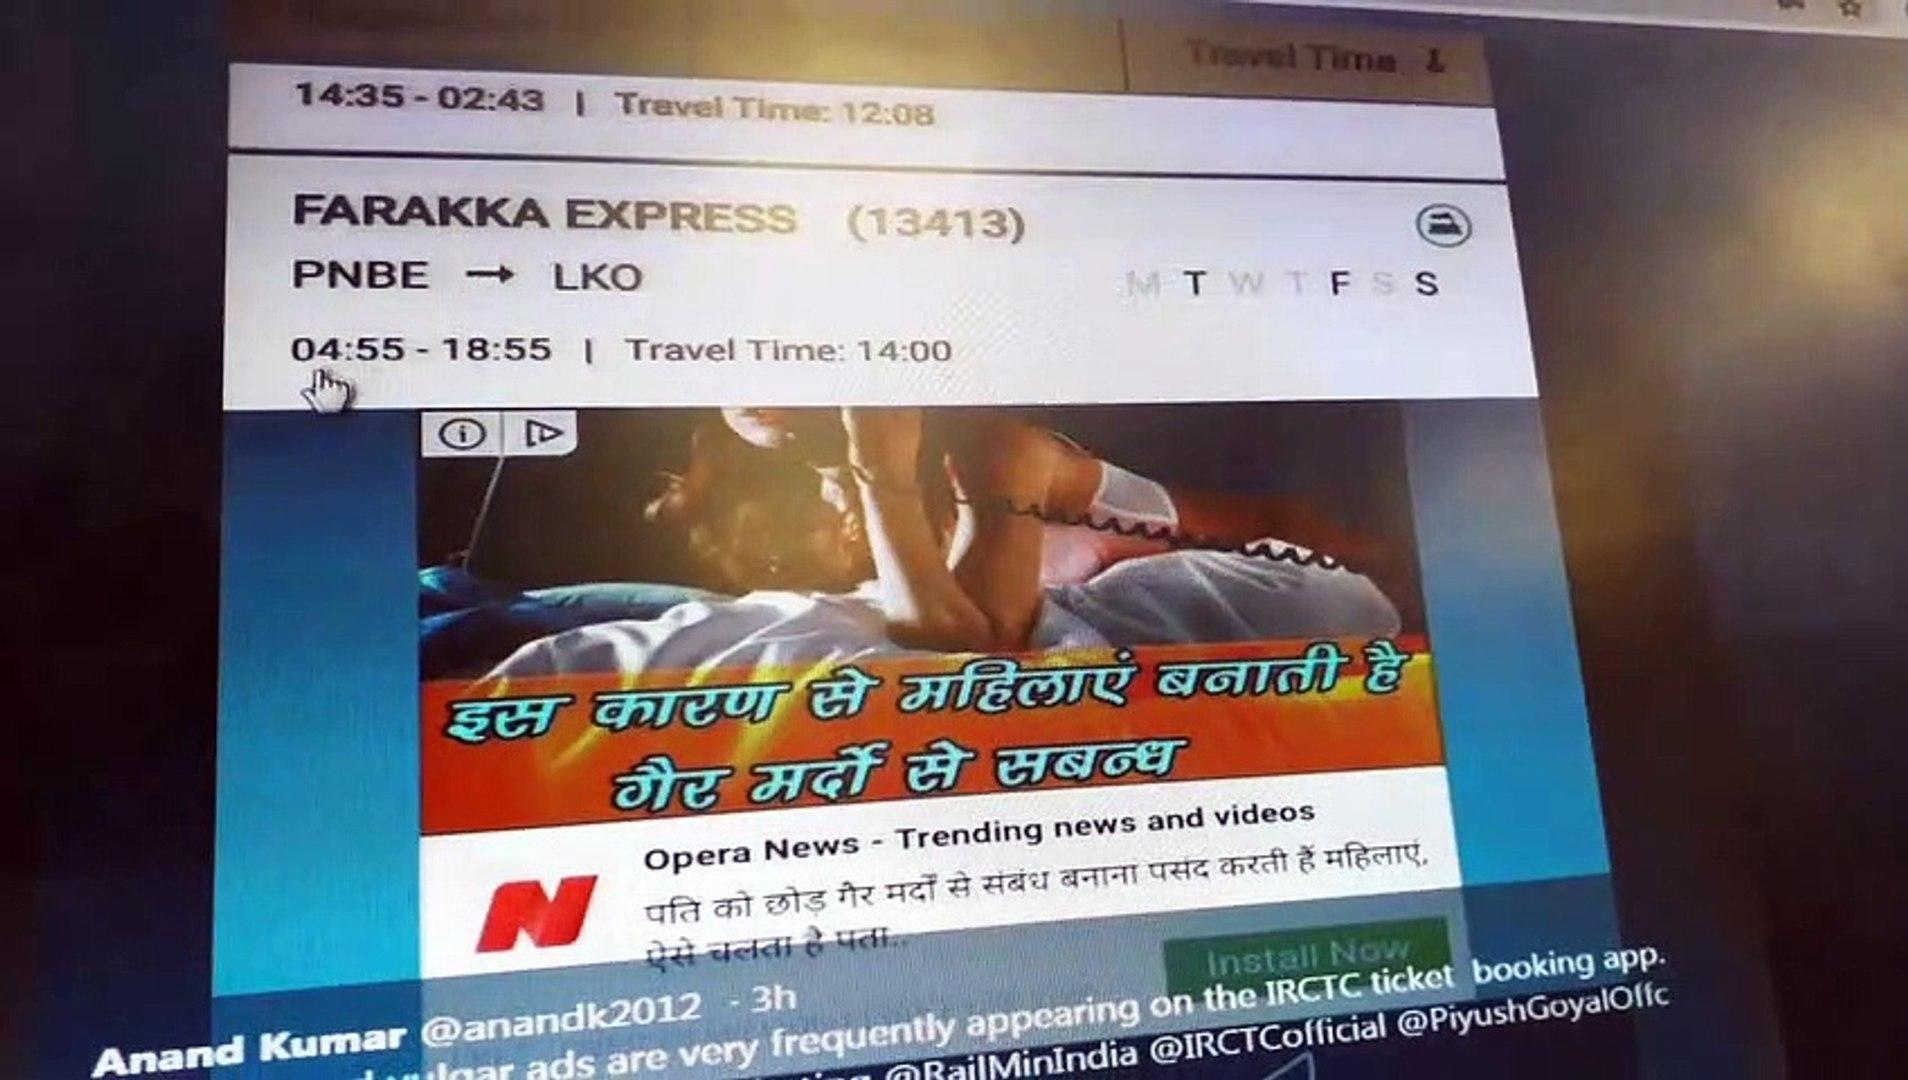 Obscene Advertisements on Railway Ticket Booking app,रेलवे टिकट बुकिंग में  अष्लील एड वैन्यू ?